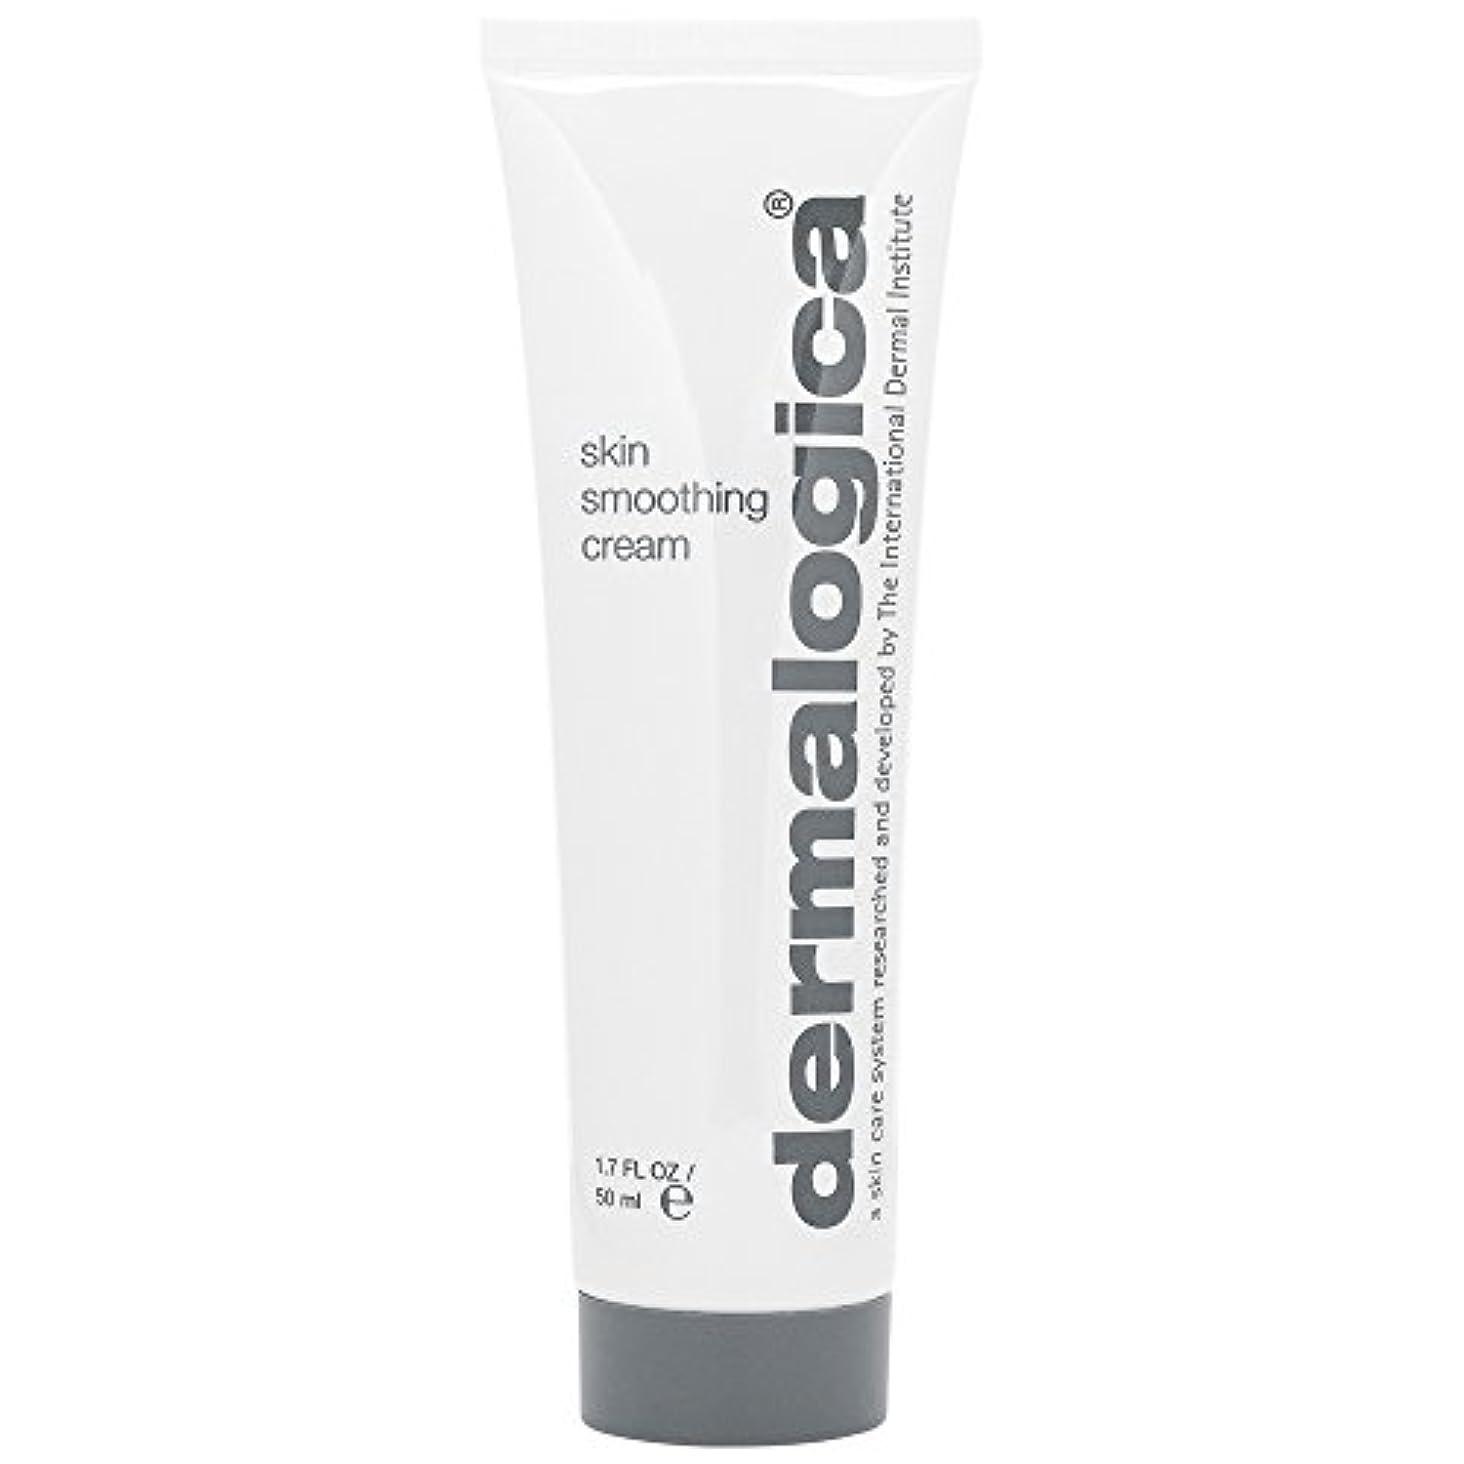 ロッド勇敢なアーネストシャクルトンダーマロジカスキンスムージングクリーム50ミリリットル (Dermalogica) - Dermalogica Skin Smoothing Cream 50ml [並行輸入品]